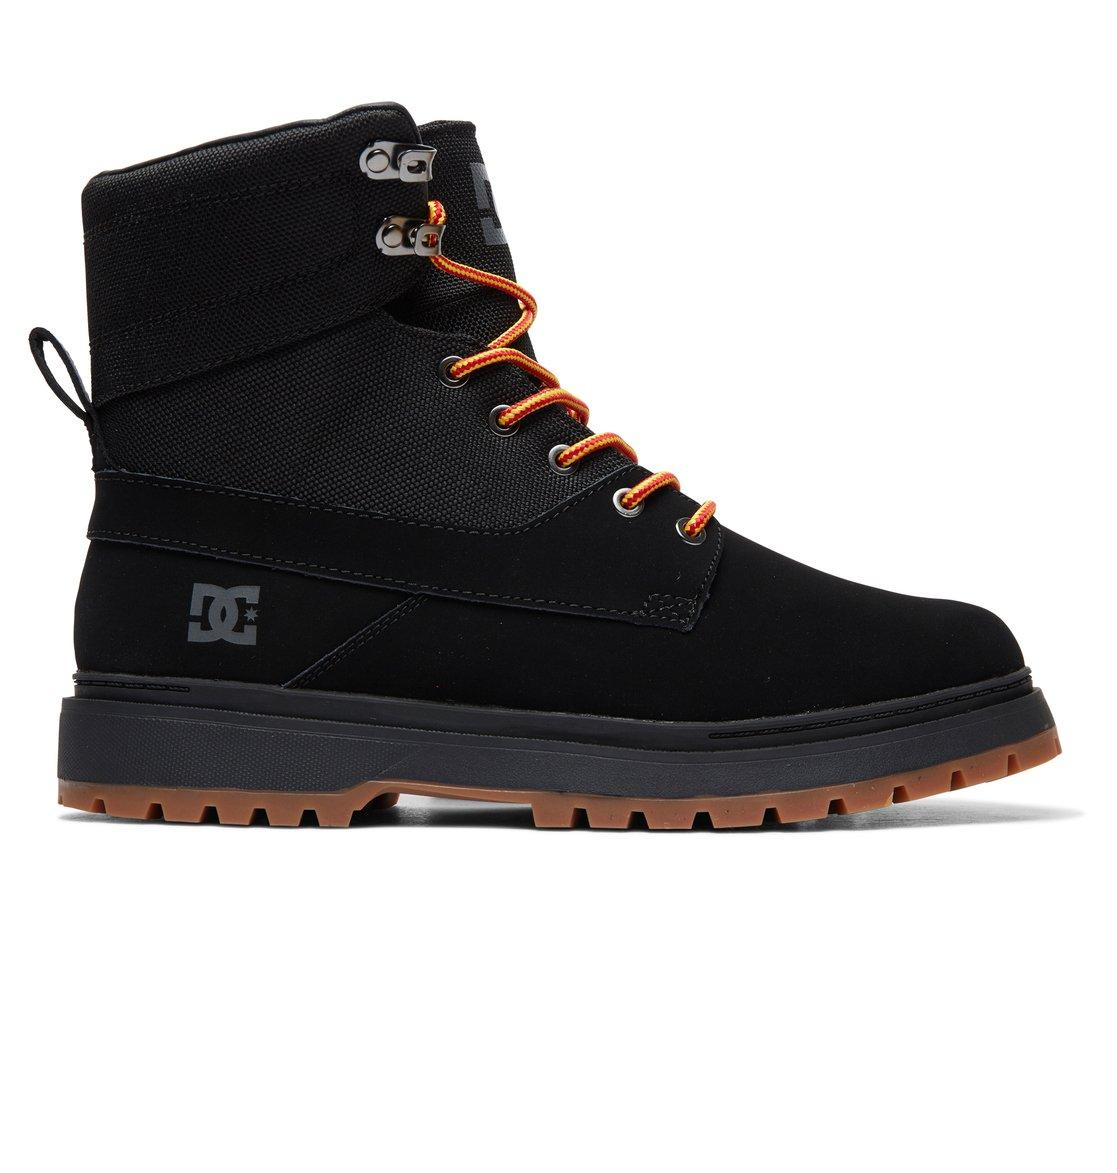 539a3aee259e 0 Uncas Lace-Up Boots Black ADYB700023 DC Shoes